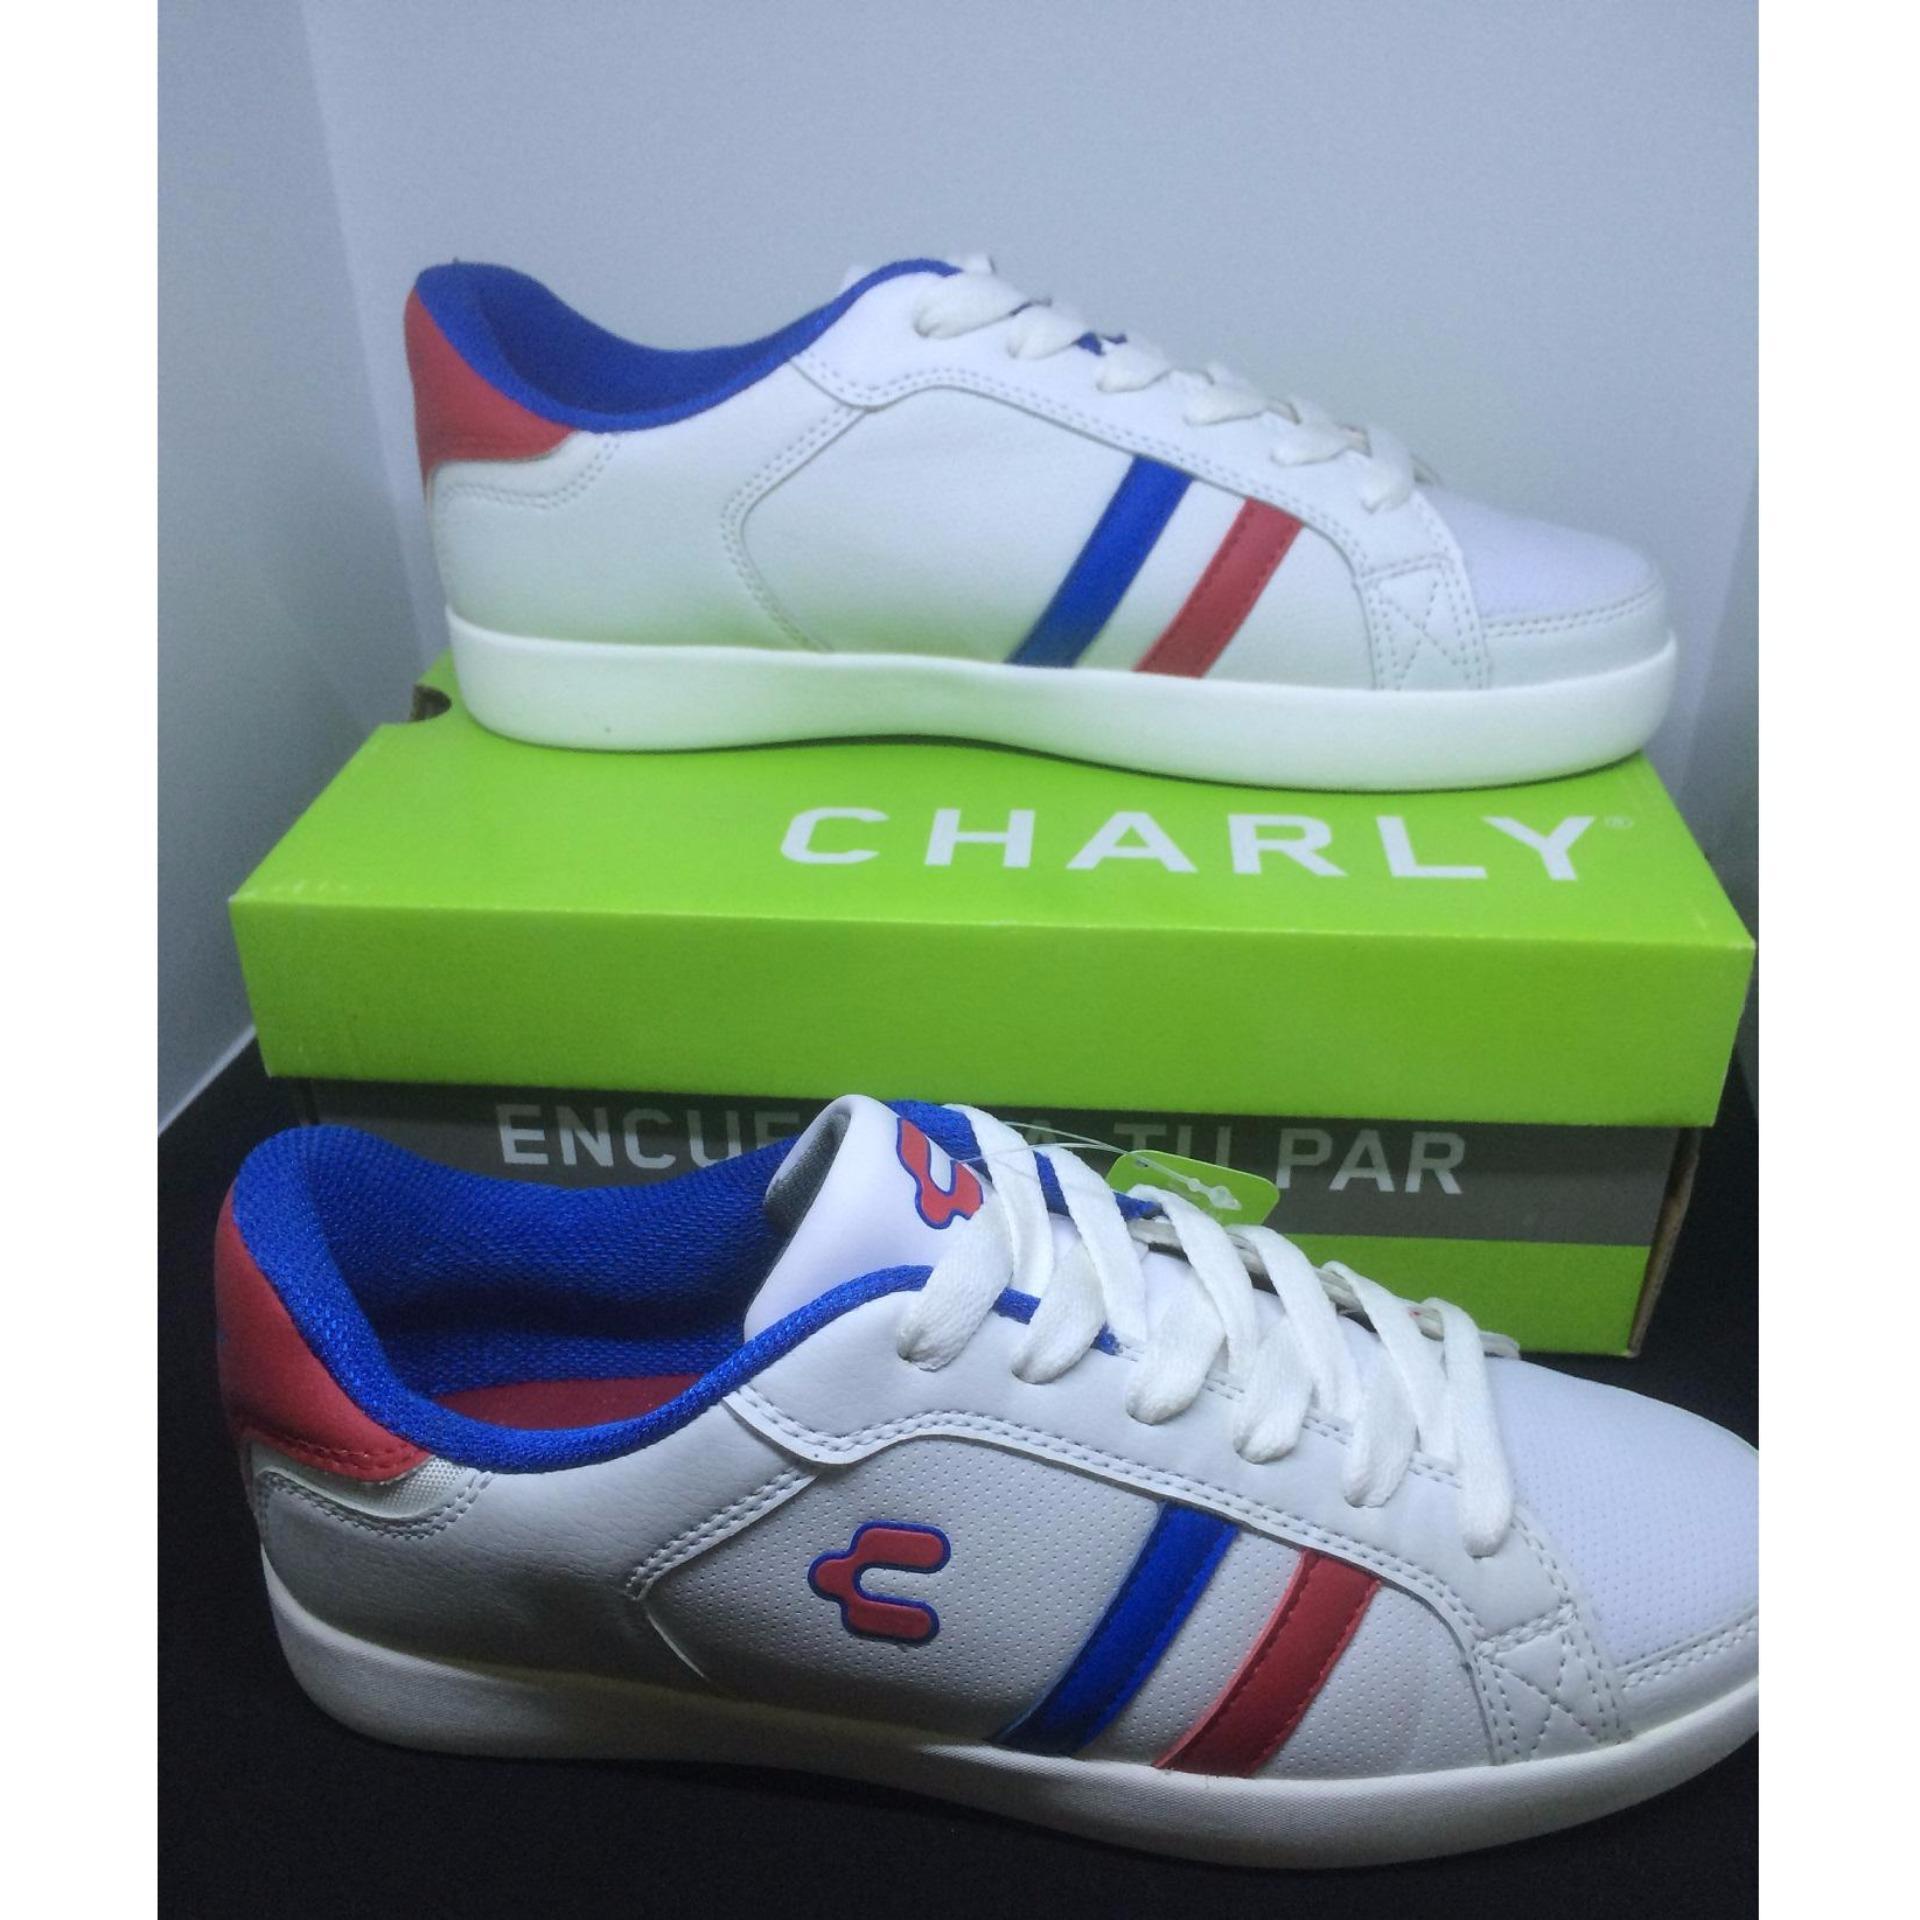 Xả kho Giày Charly XK Mexico